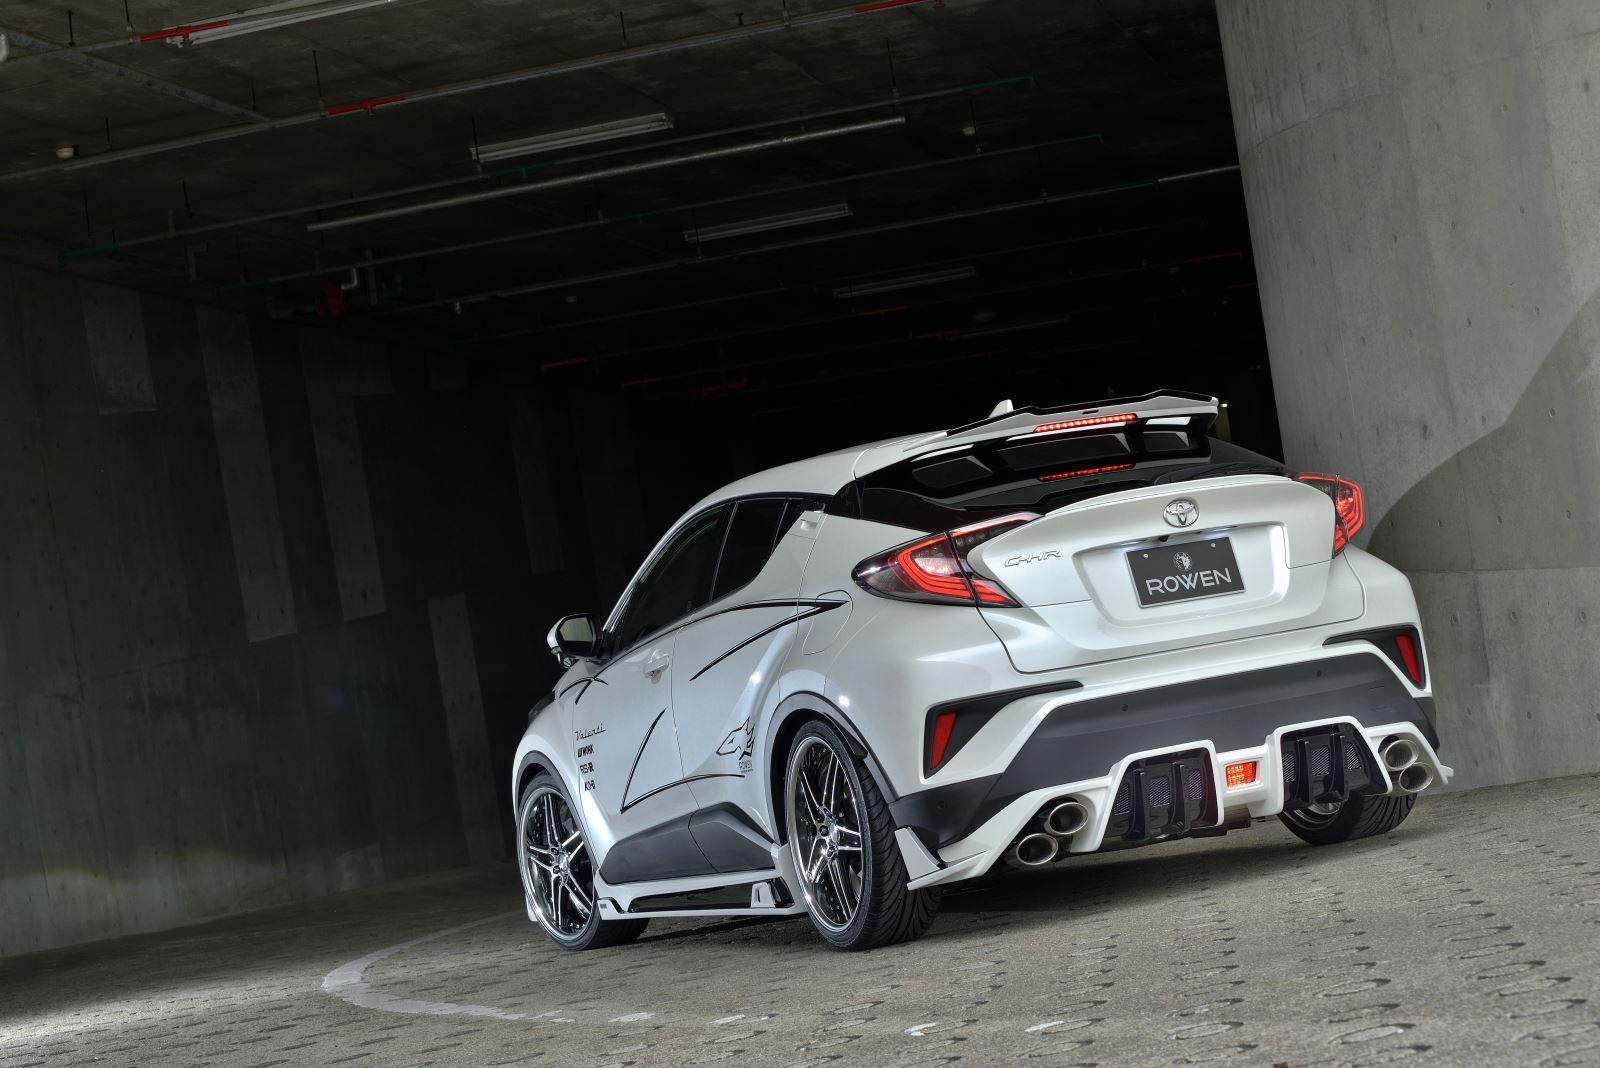 Toyota C-HR by Rowen (11)